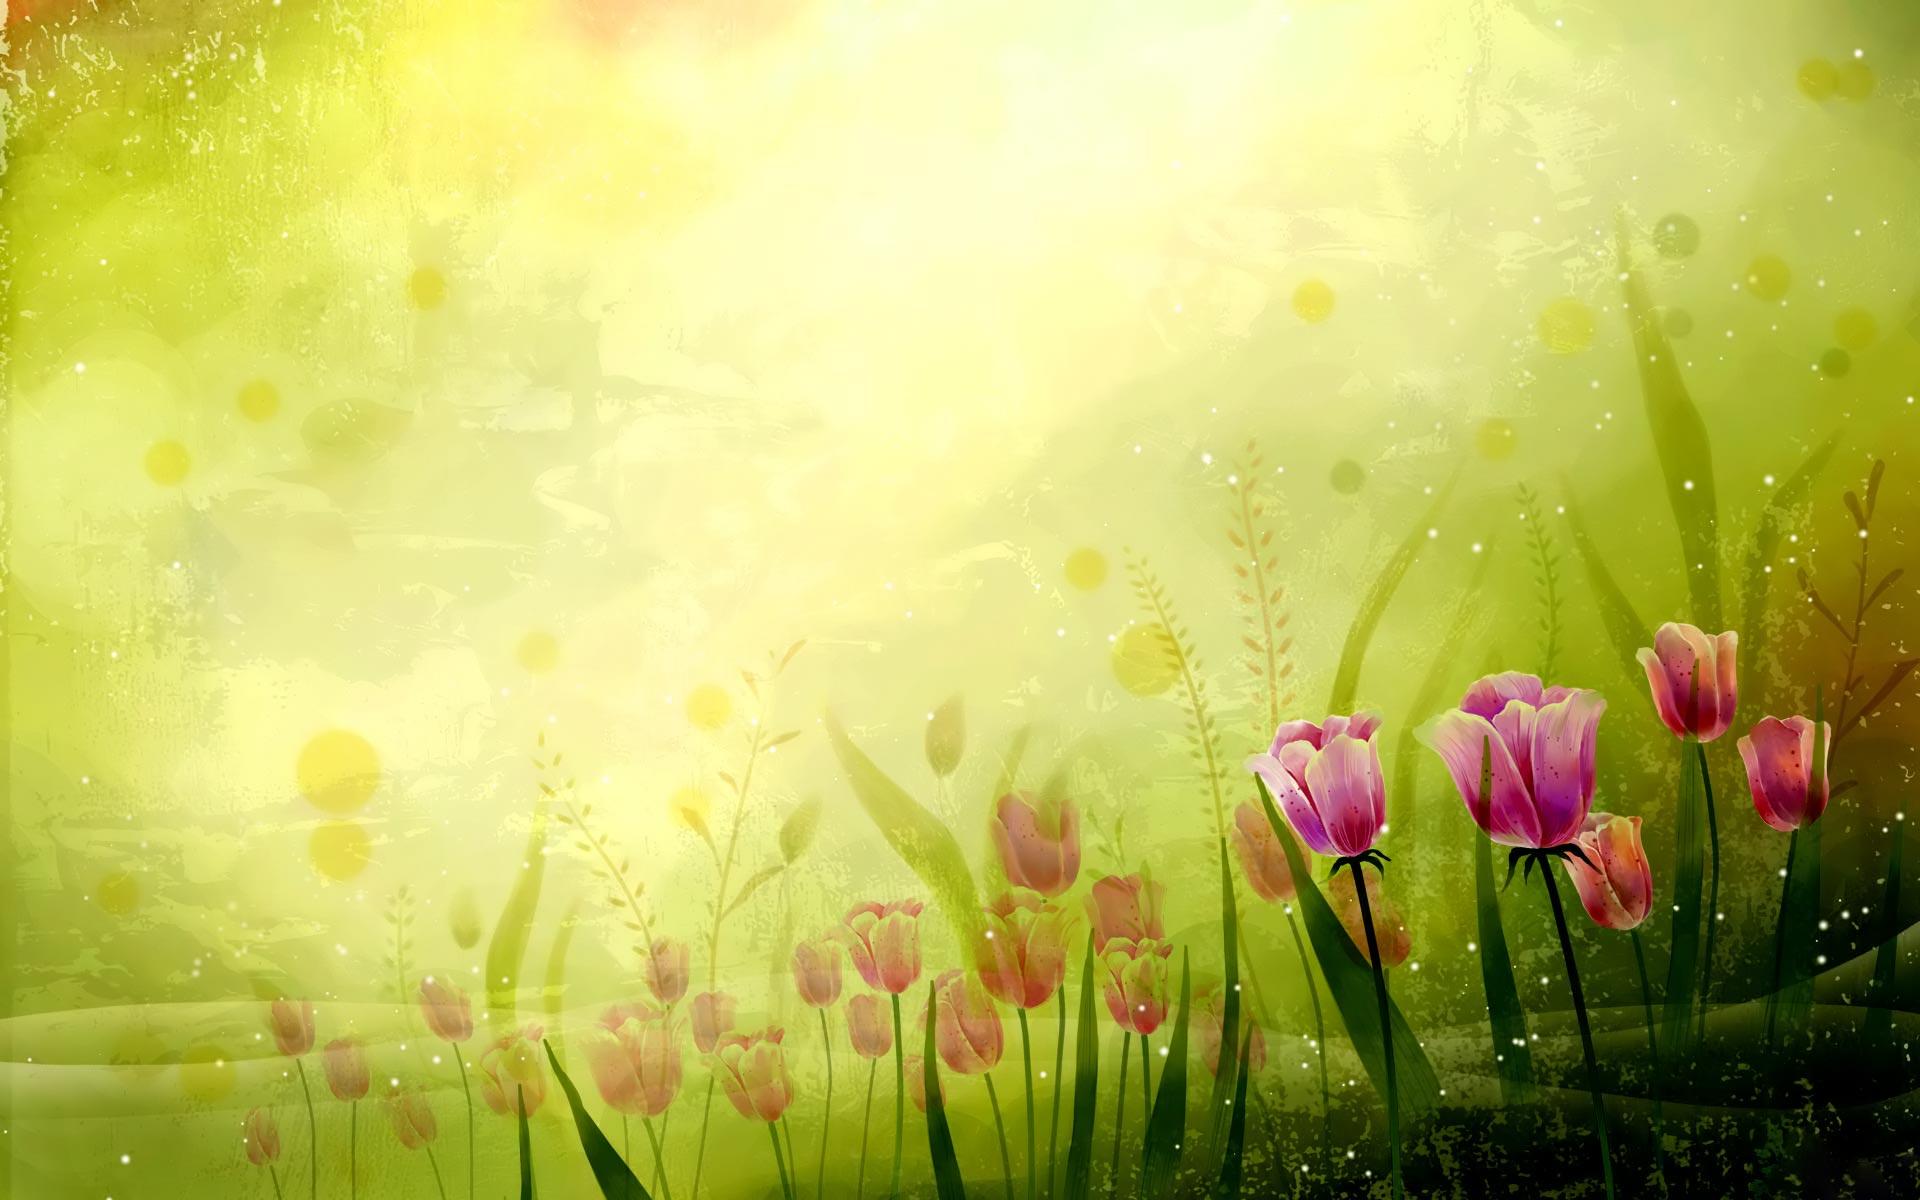 HD Wallpaper Themes Fabulous tulips widescreen wallpaper 1920x1200